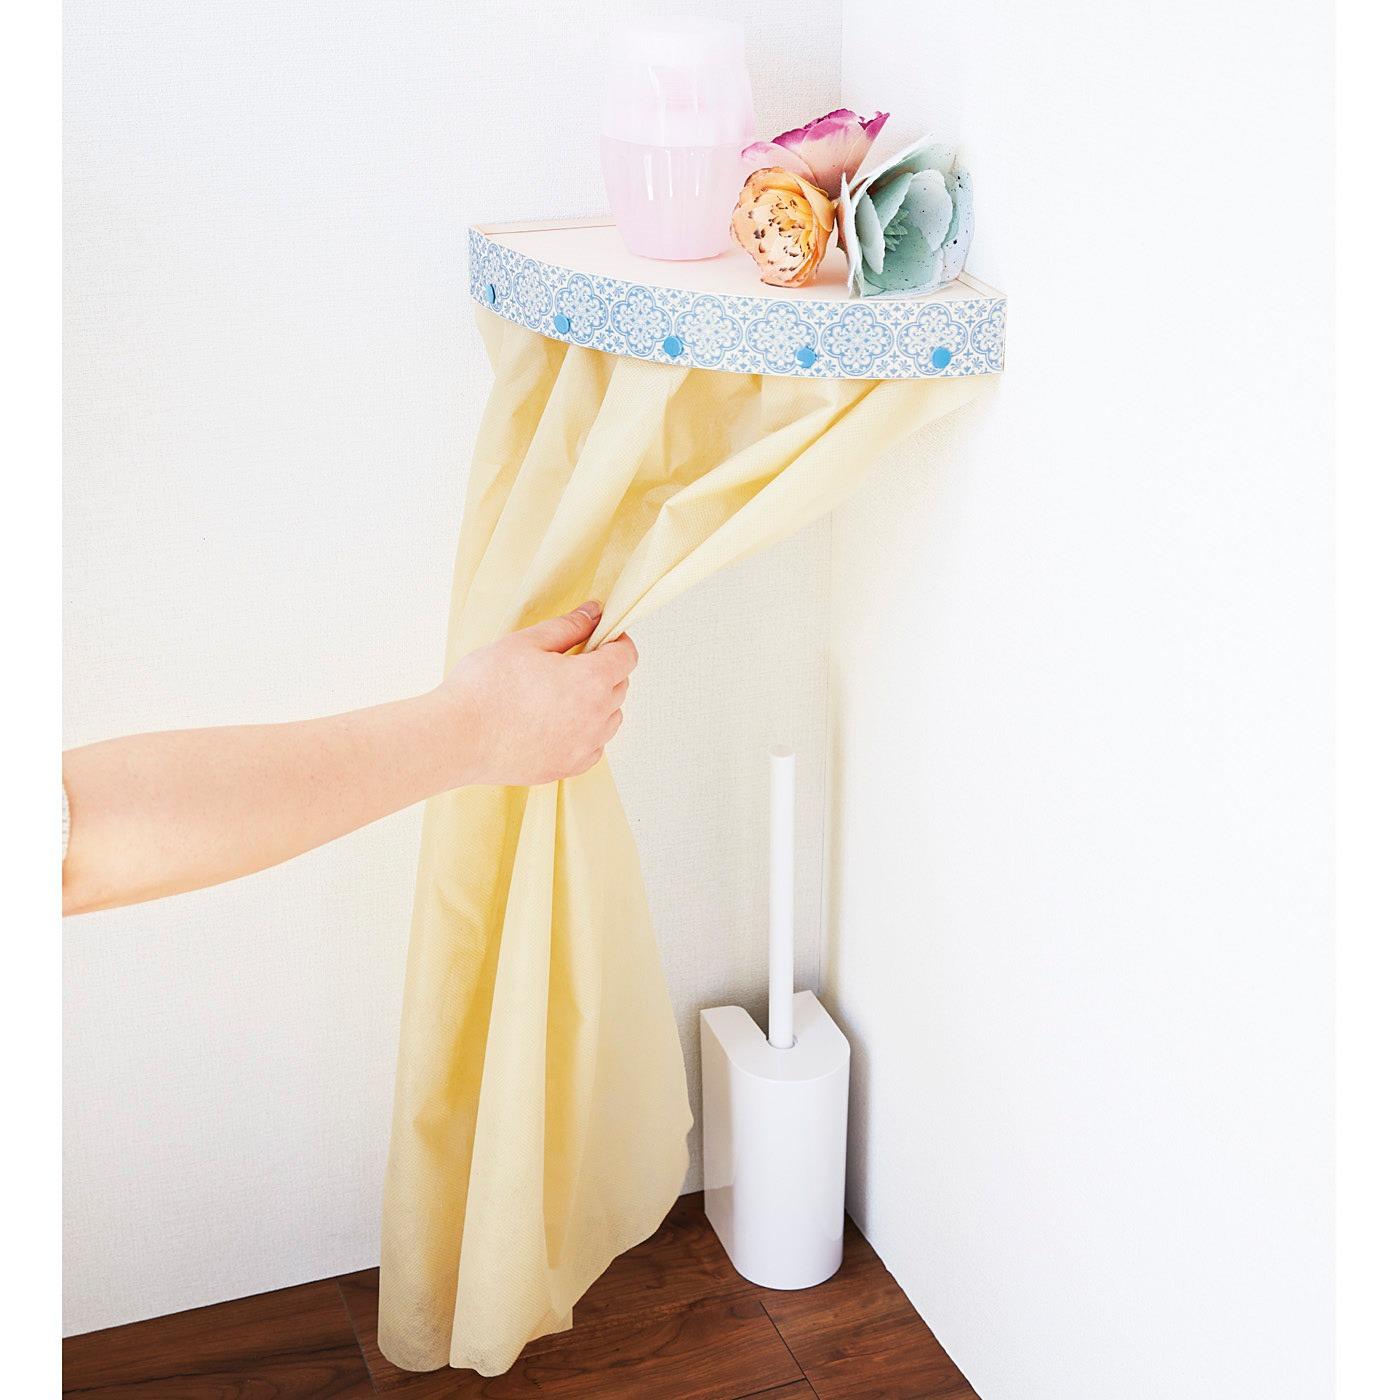 トイレの備品の目隠しにもお役立ち。